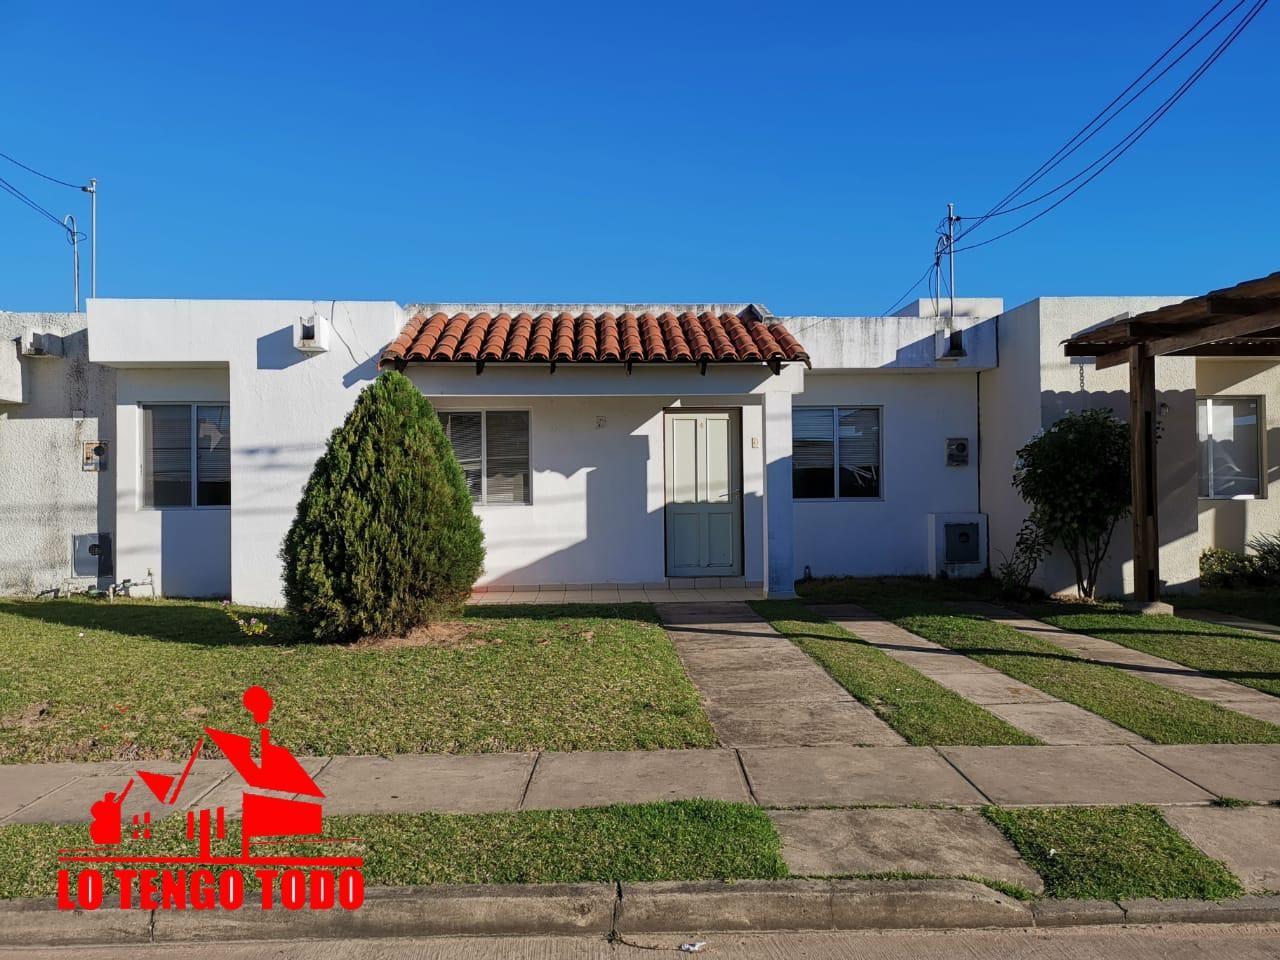 Condominio sevilla las terrazas 1 for Alquiler de casas en cantillana sevilla